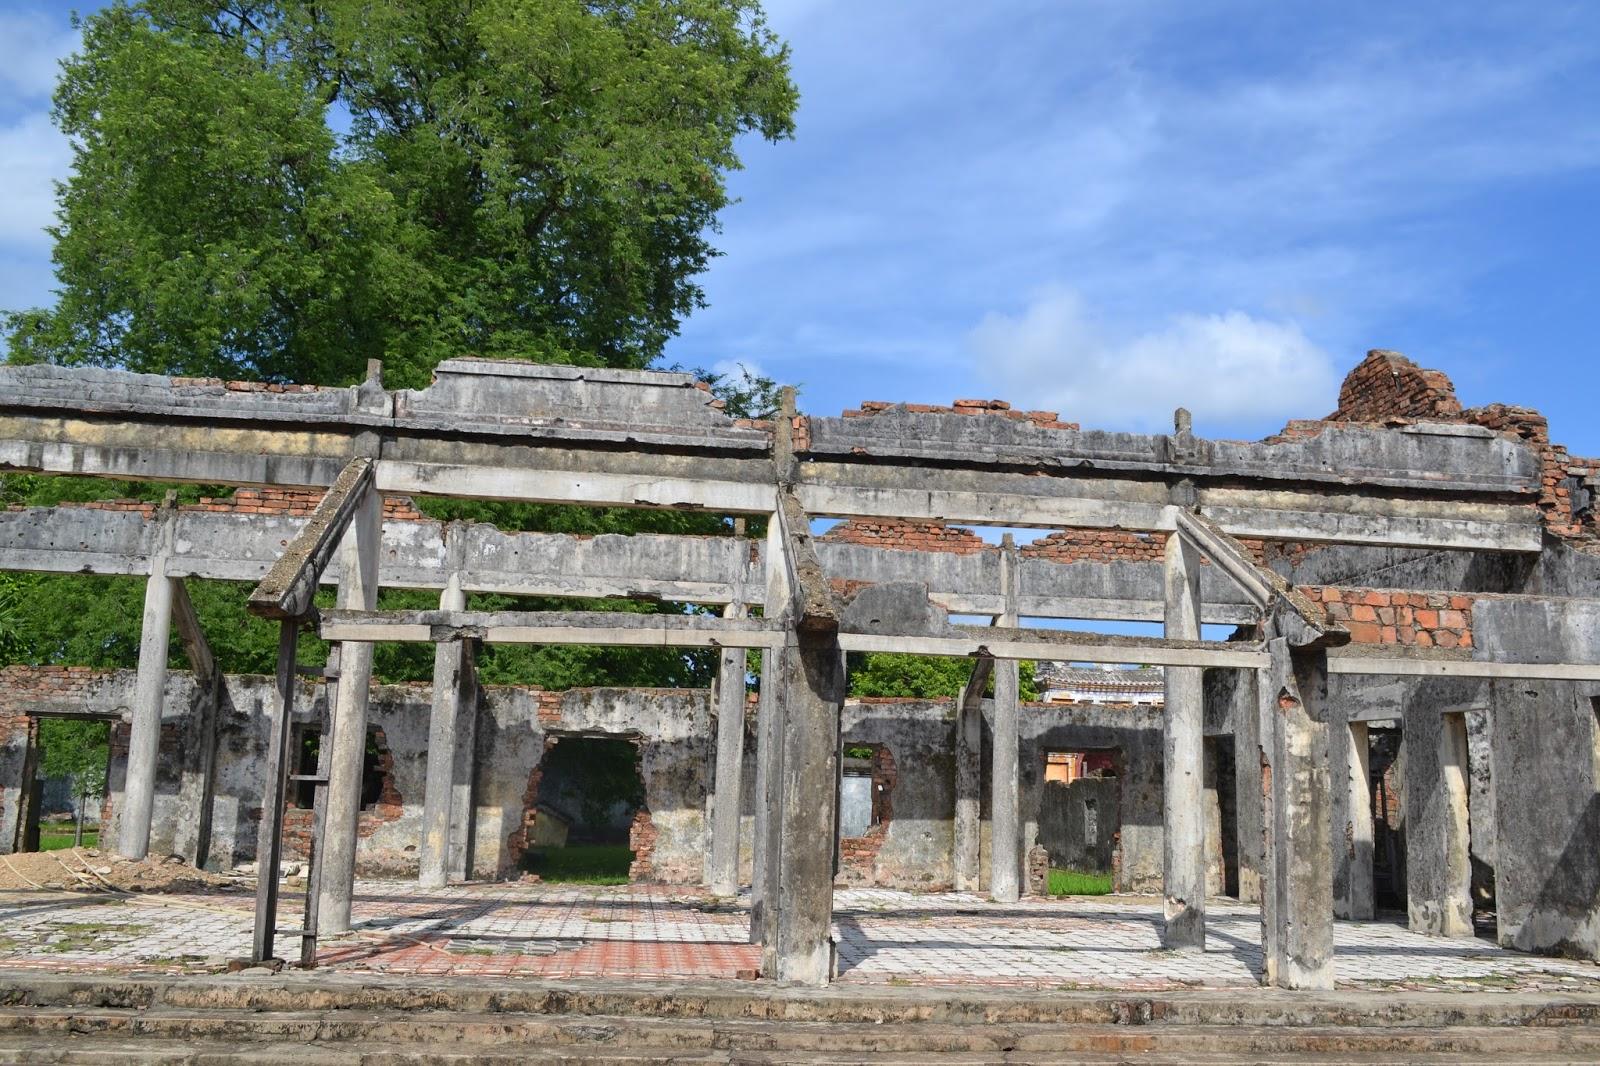 Reminder of vietnam war inside Imperial city, Hue